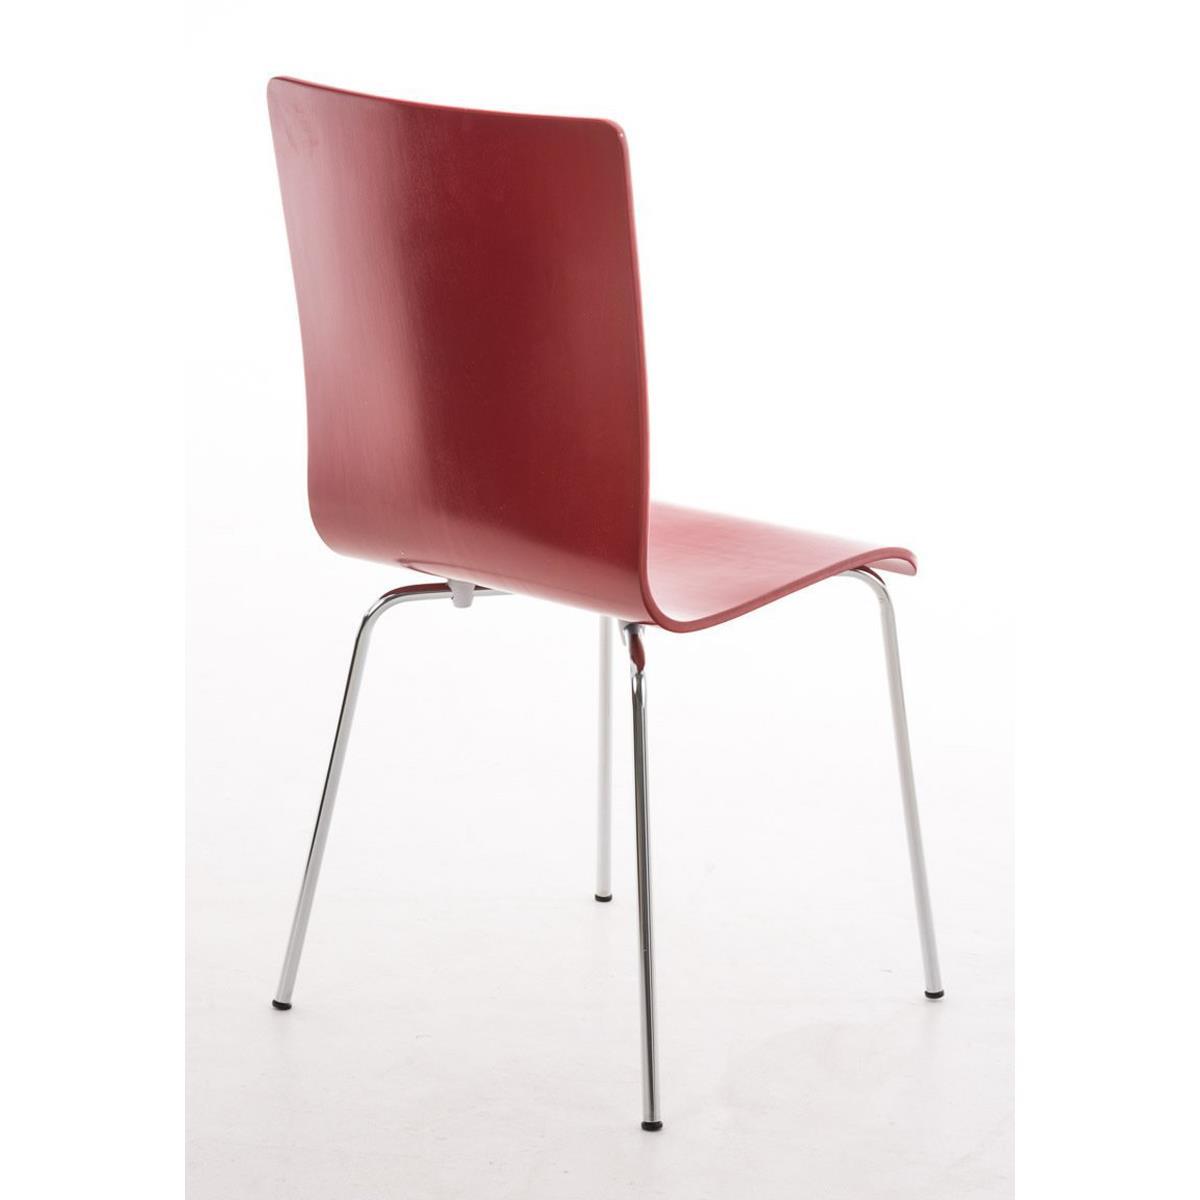 Silla de cocina o comedor lodi en color rojo silla de for Sillas metalicas para cocina